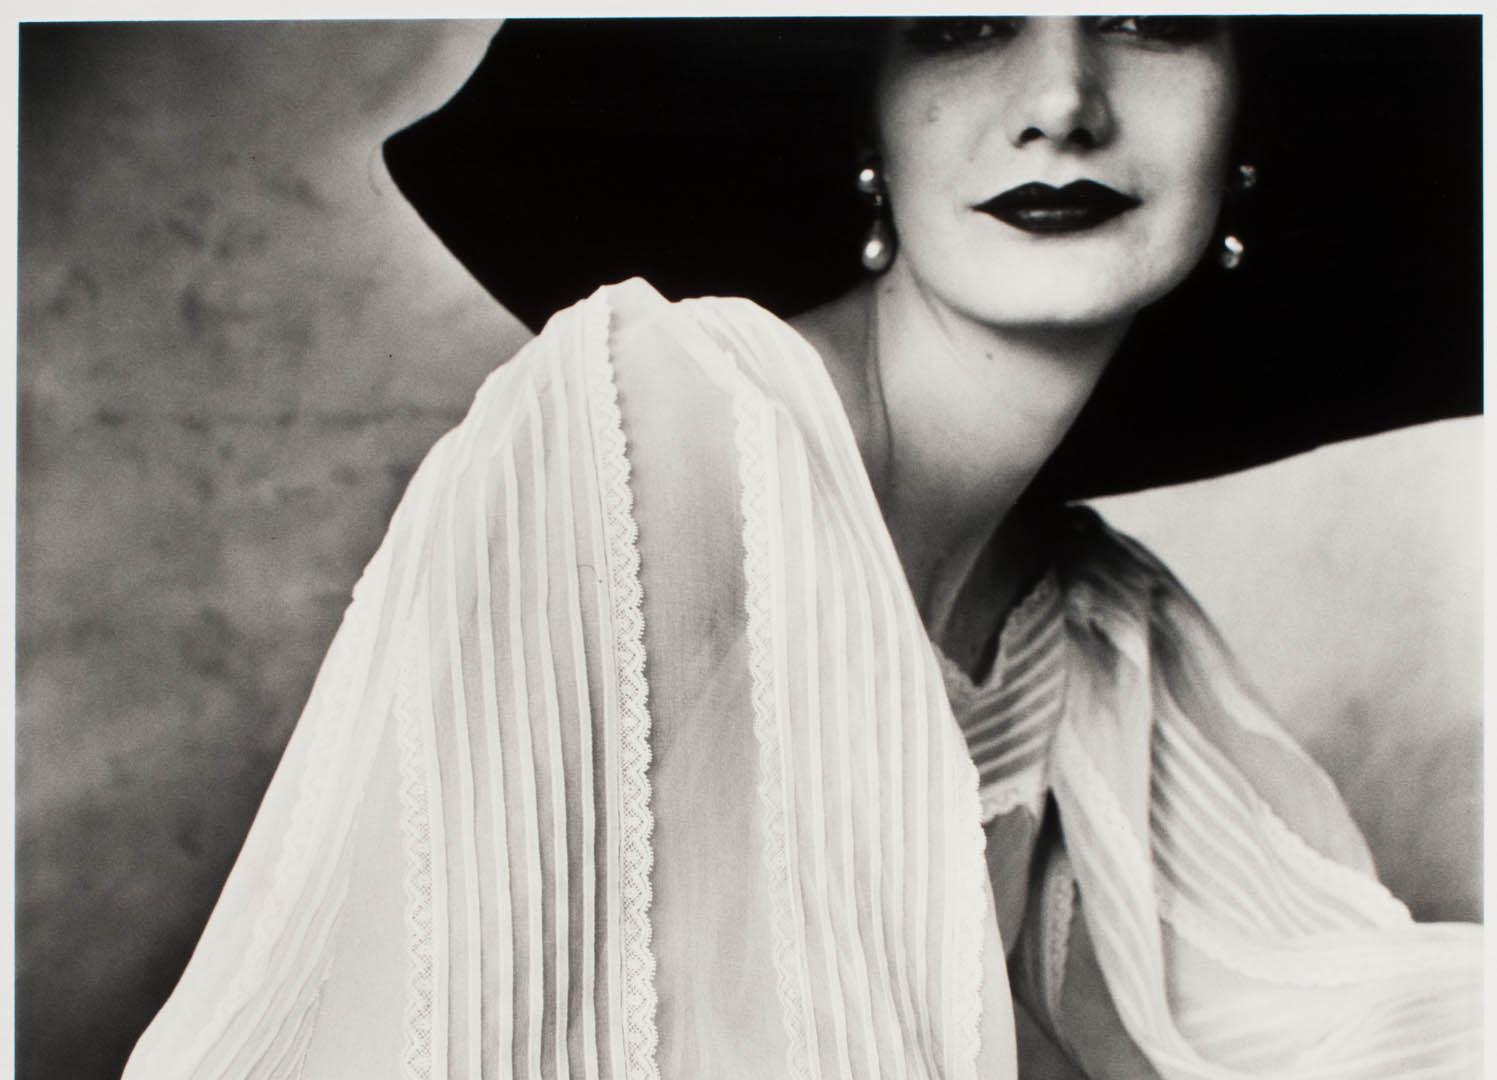 Irving Penn, Large Sleeve (Sunny Harnett), New York, 1951